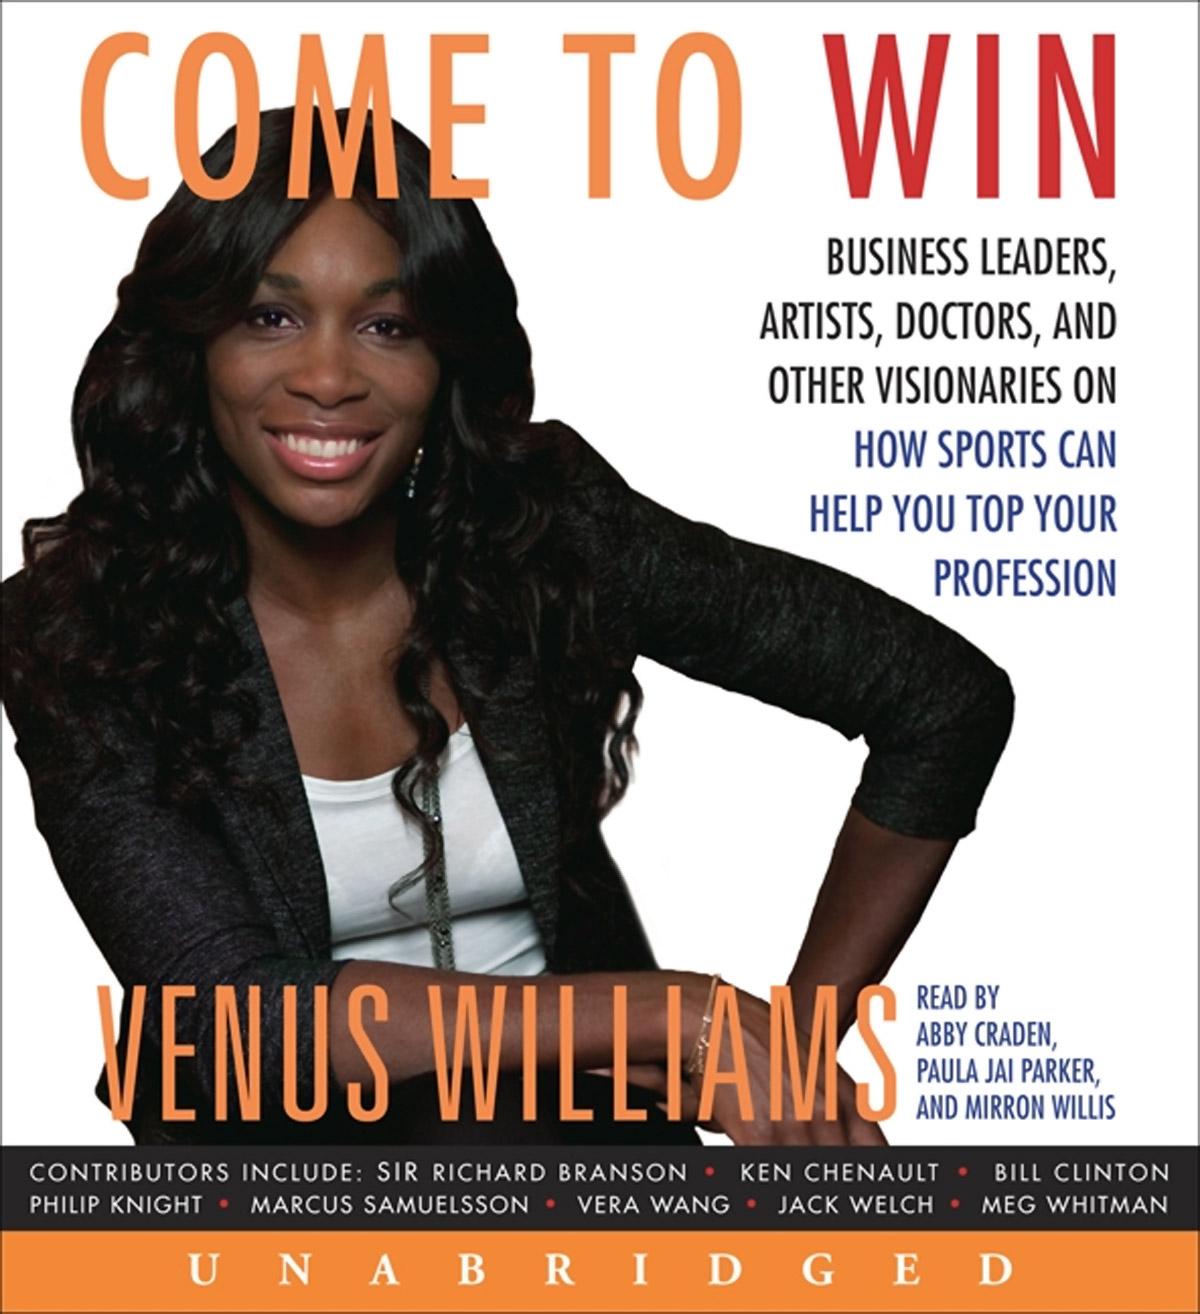 Venus Williams's quote #5